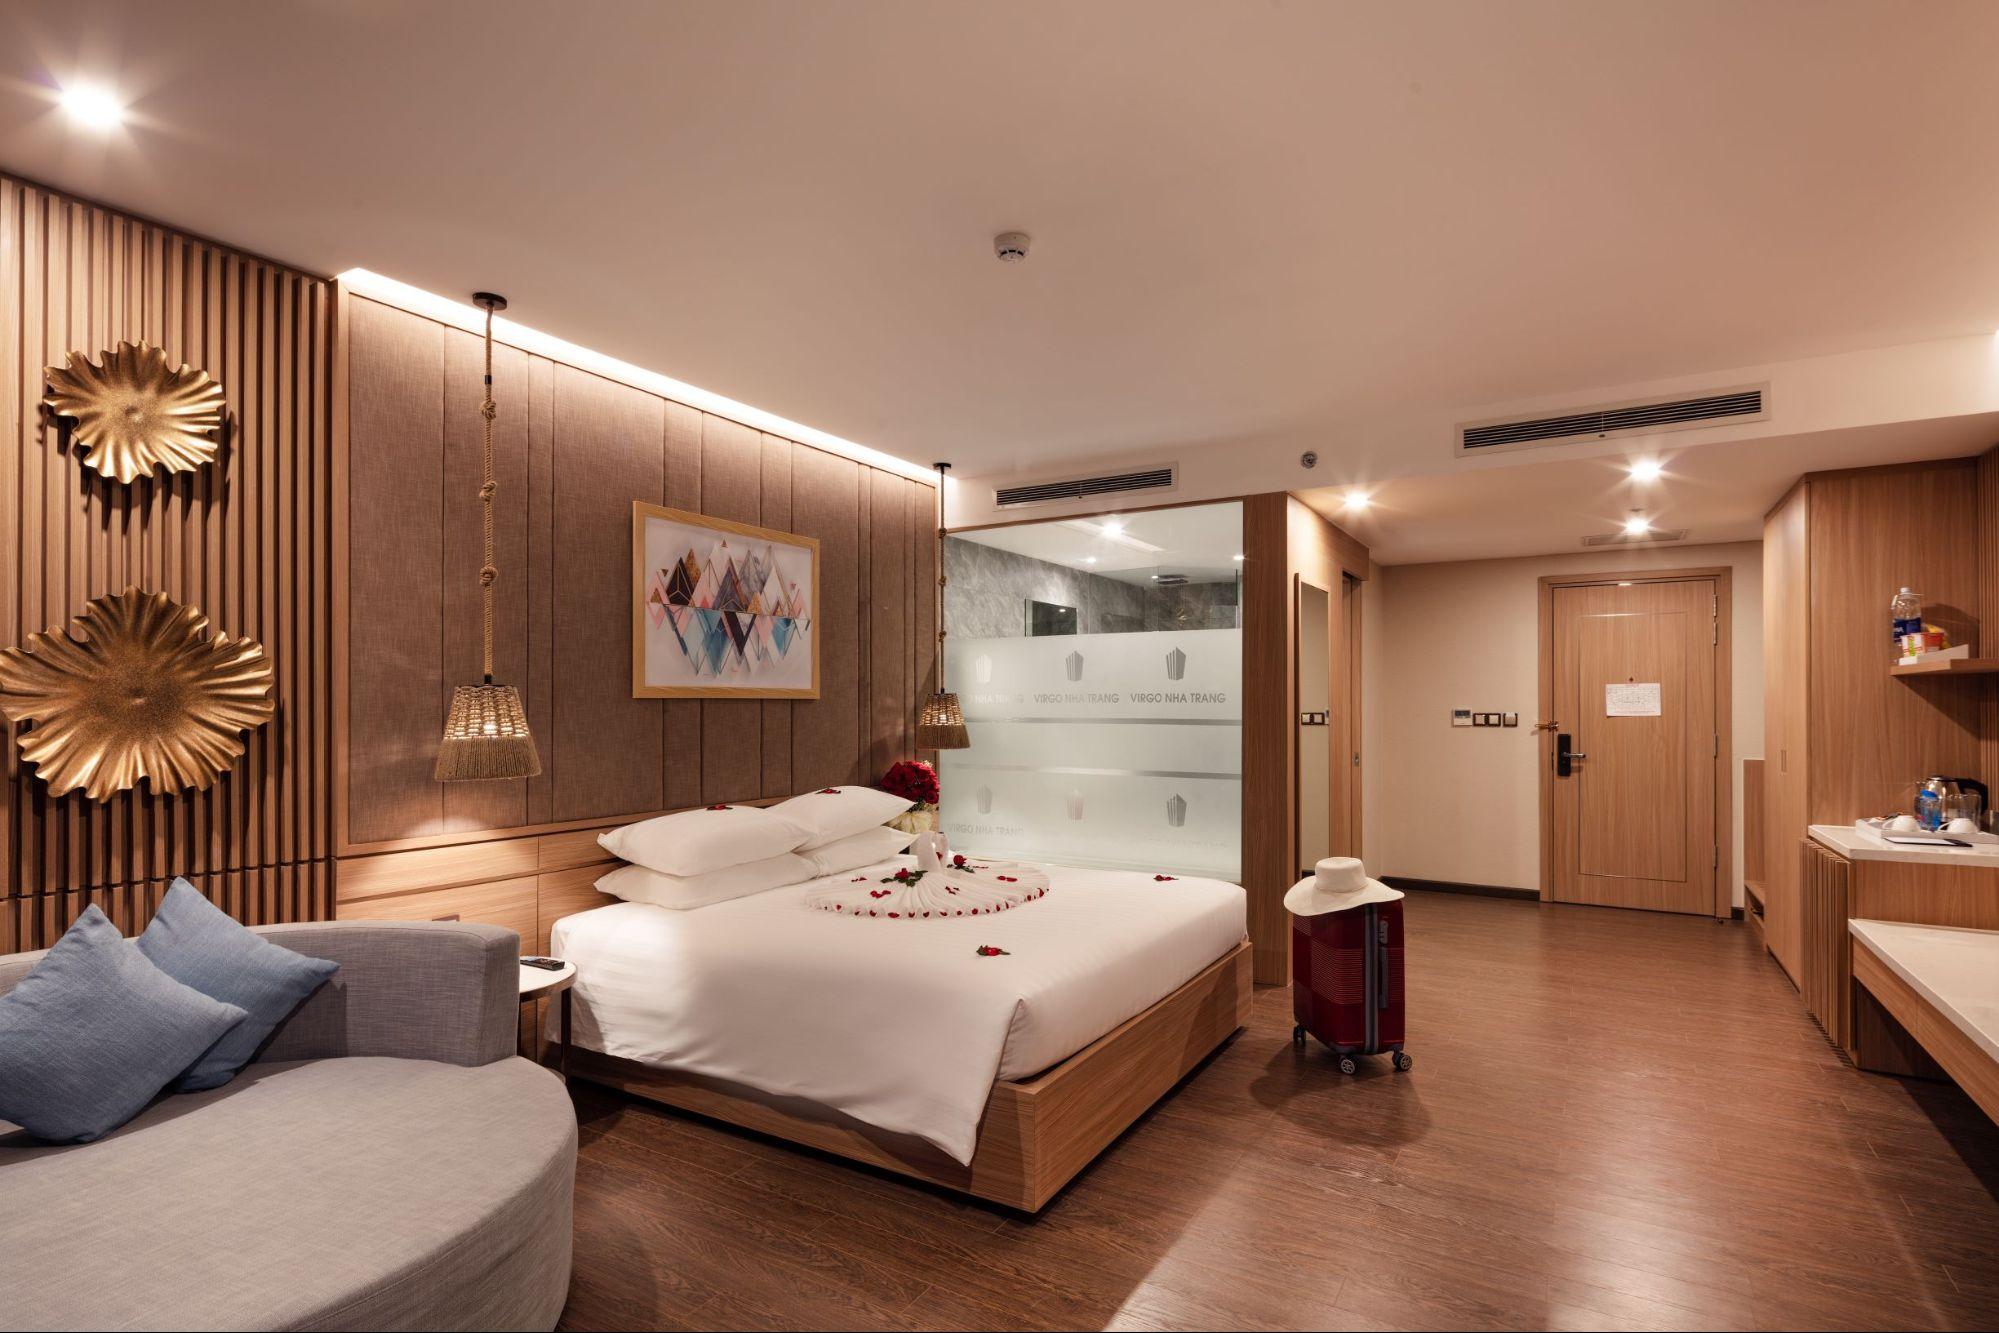 top 4 khách sạn tốt nhất tại nha trang mà du khách nên biết 7